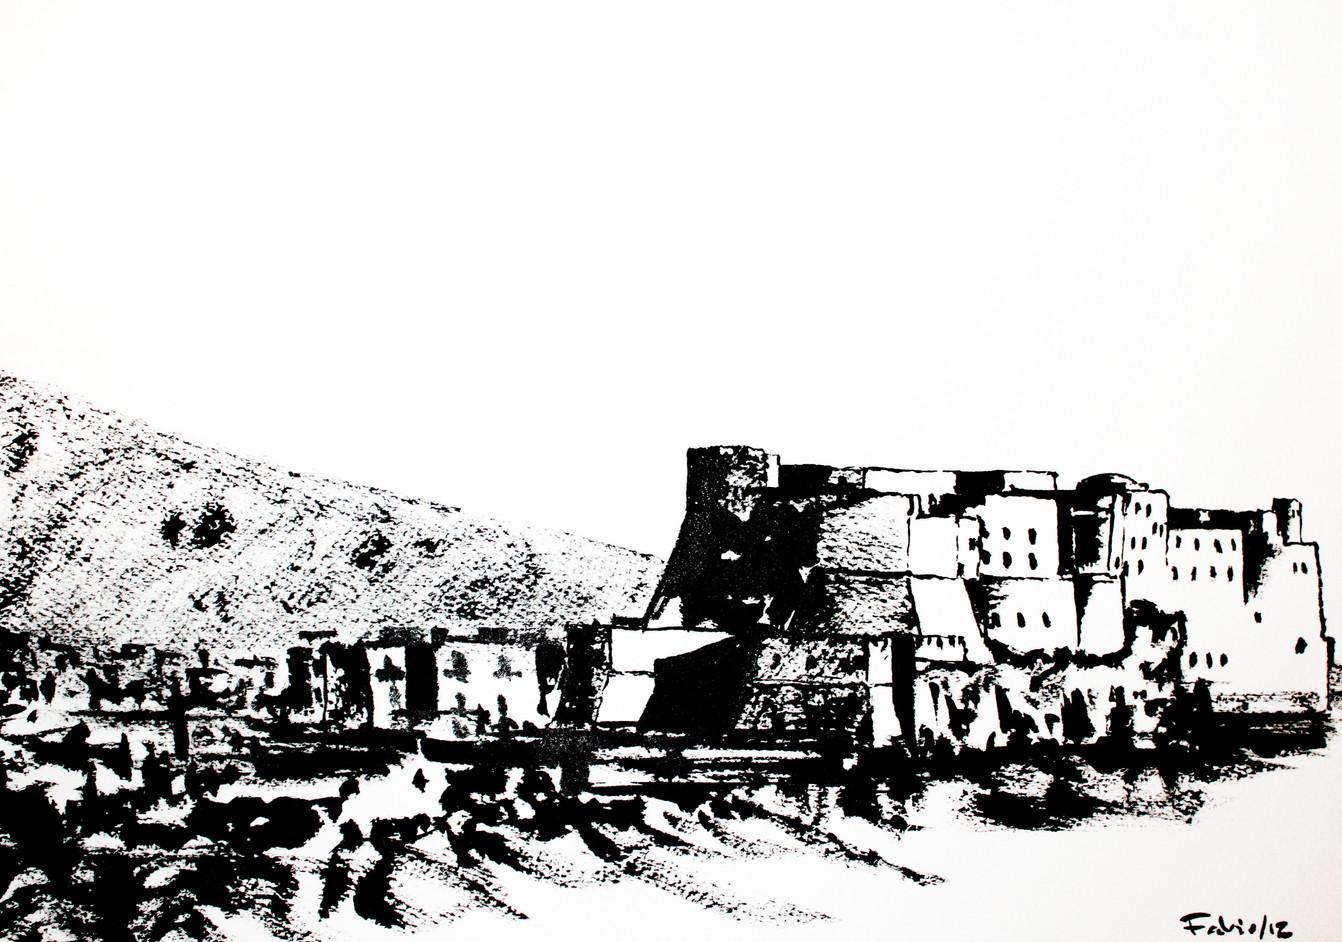 Castel dell'Ovo #2